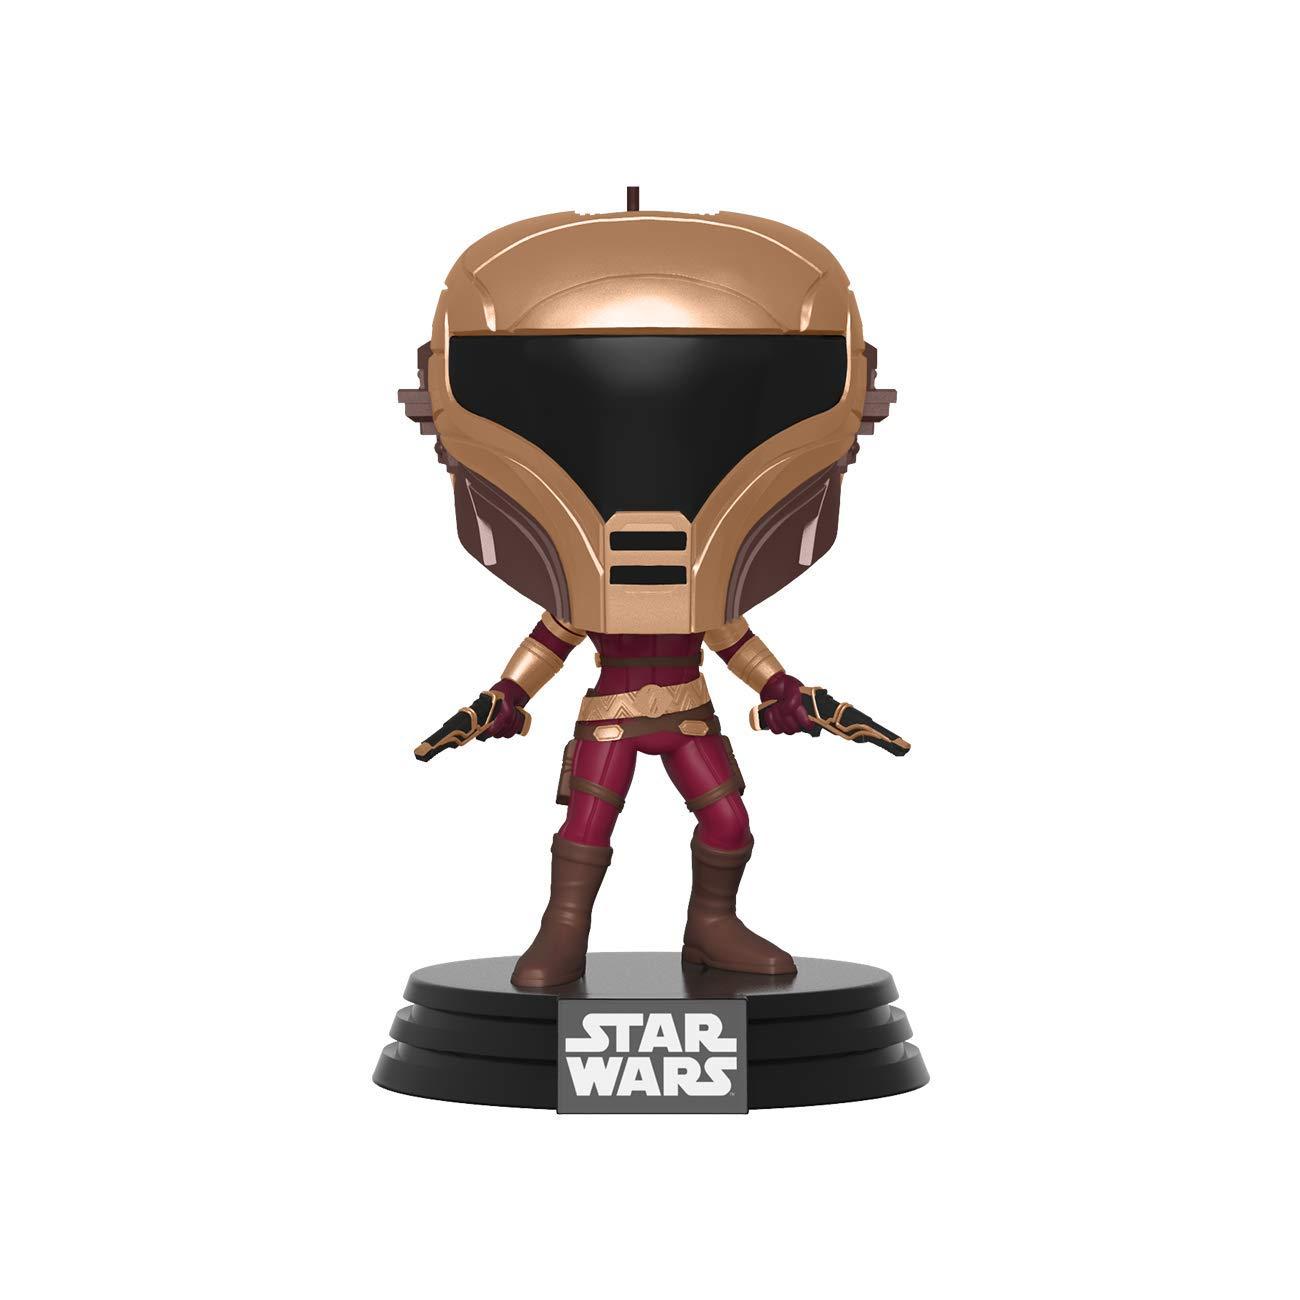 Funko Pop! Star Wars: Episode 9, Rise of Skywalker - Zorii Bliss